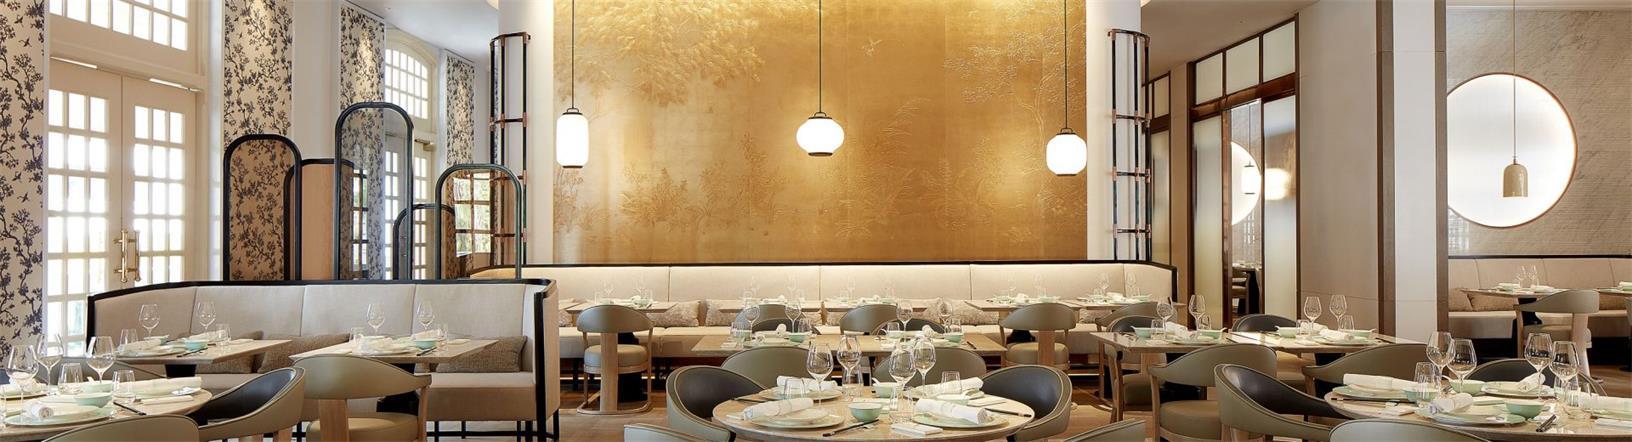 中餐厅用餐区背景设计